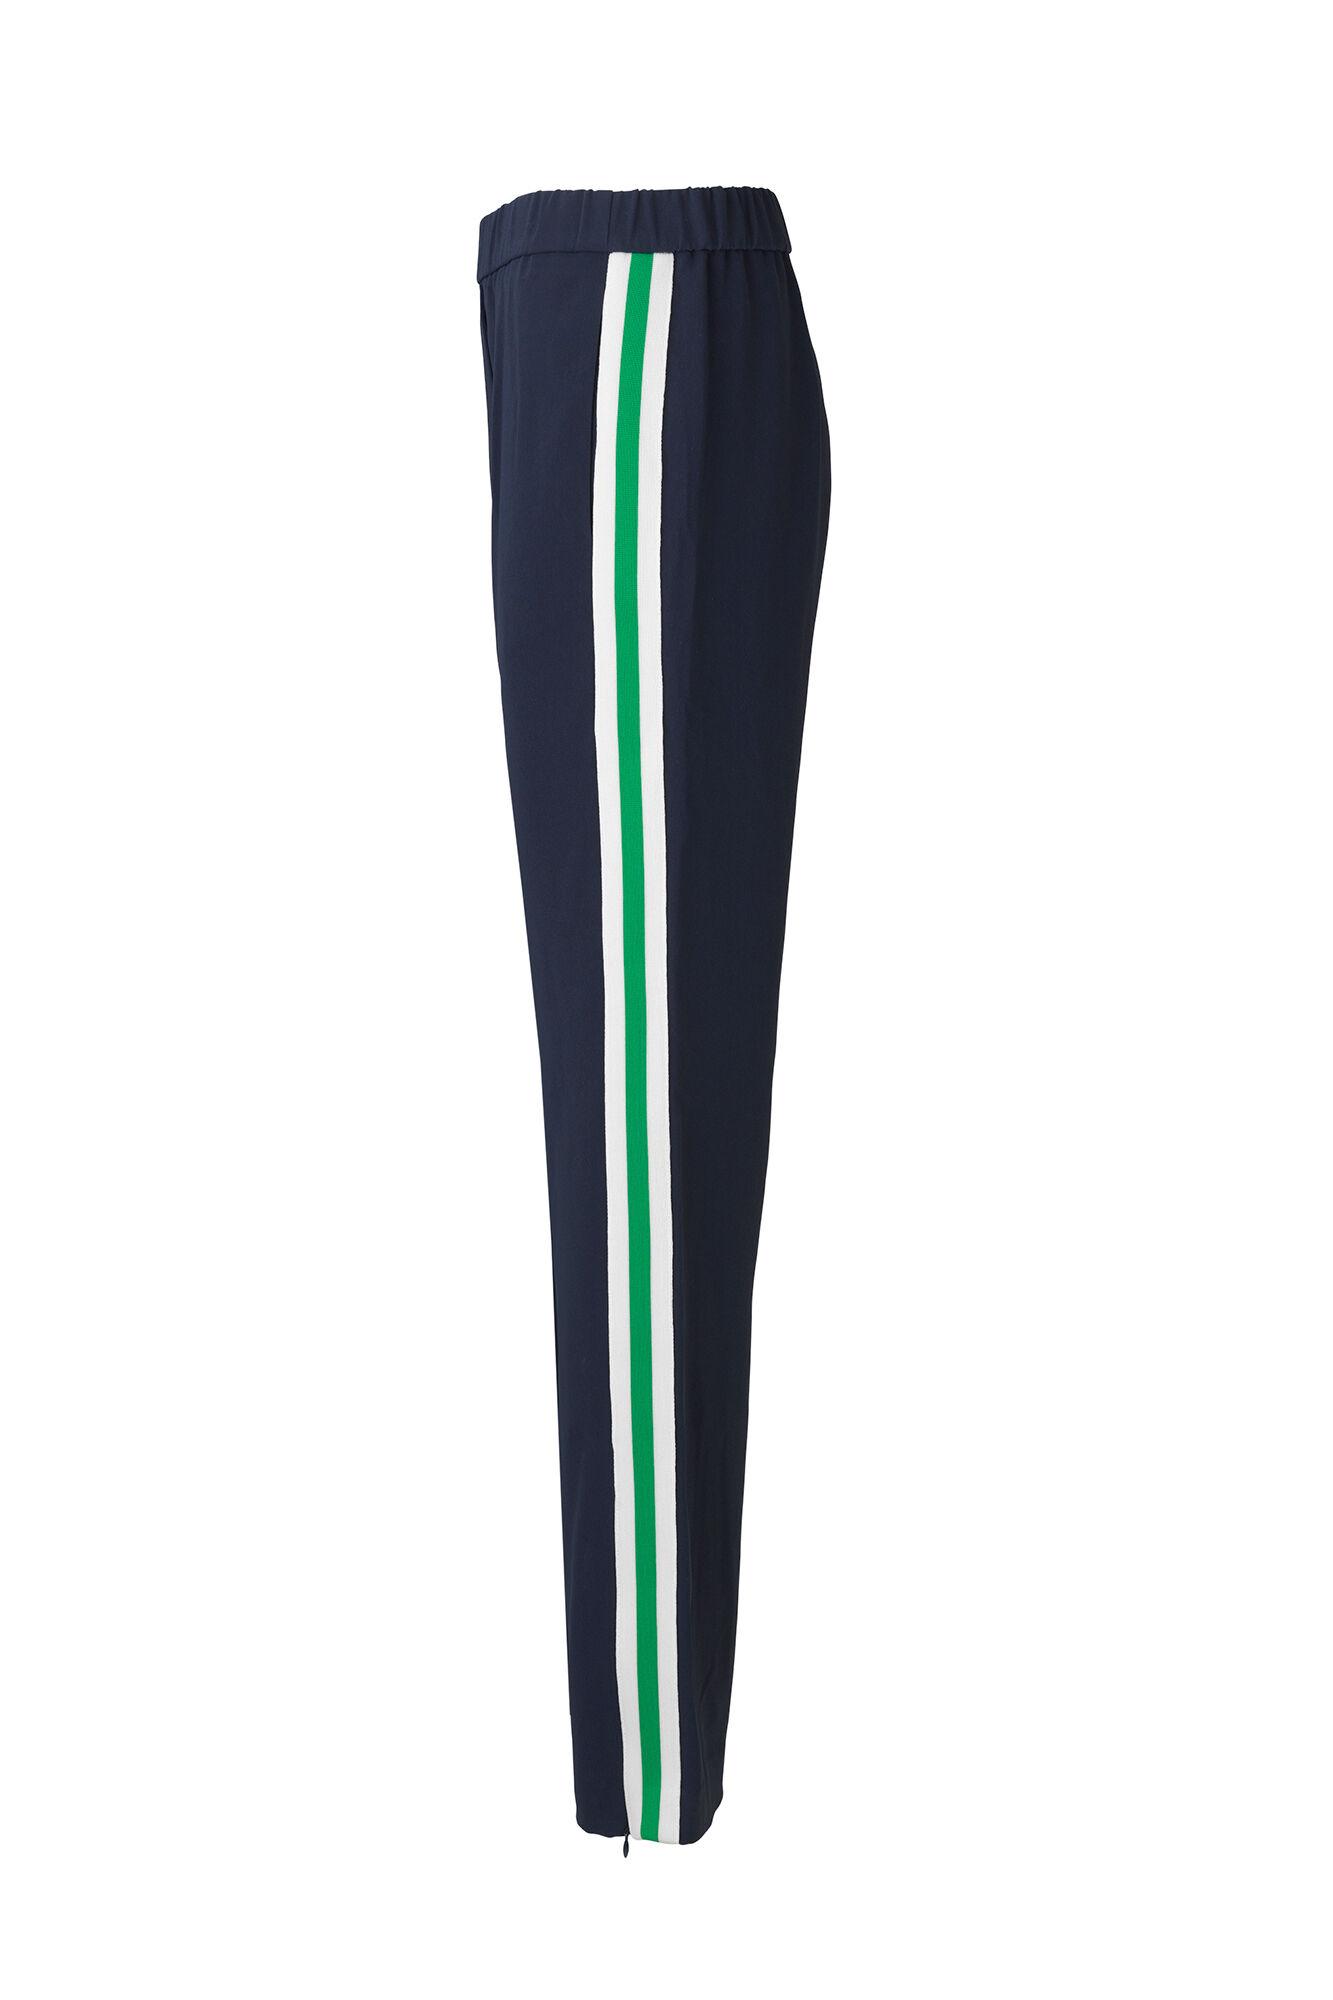 Hoys stripe tape pants 8305